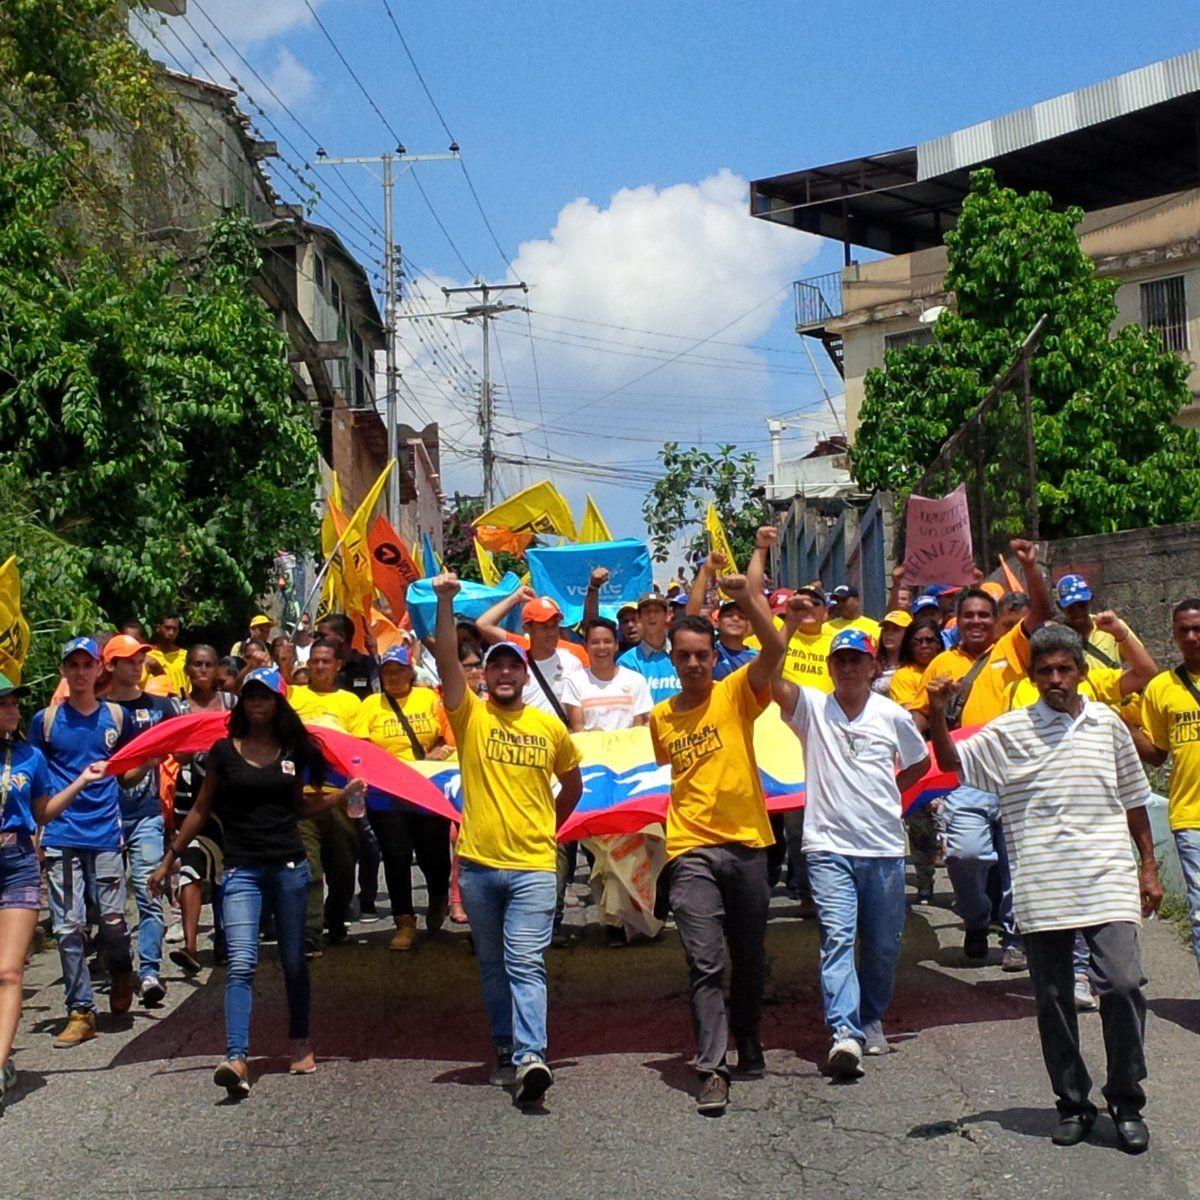 @FEdumedia : Comunidad de Marizapa en #Miranda estrenó siete instituciones educativas https://t.co/QZ7a6qVUmw https://t.co/nONmv3F7ya